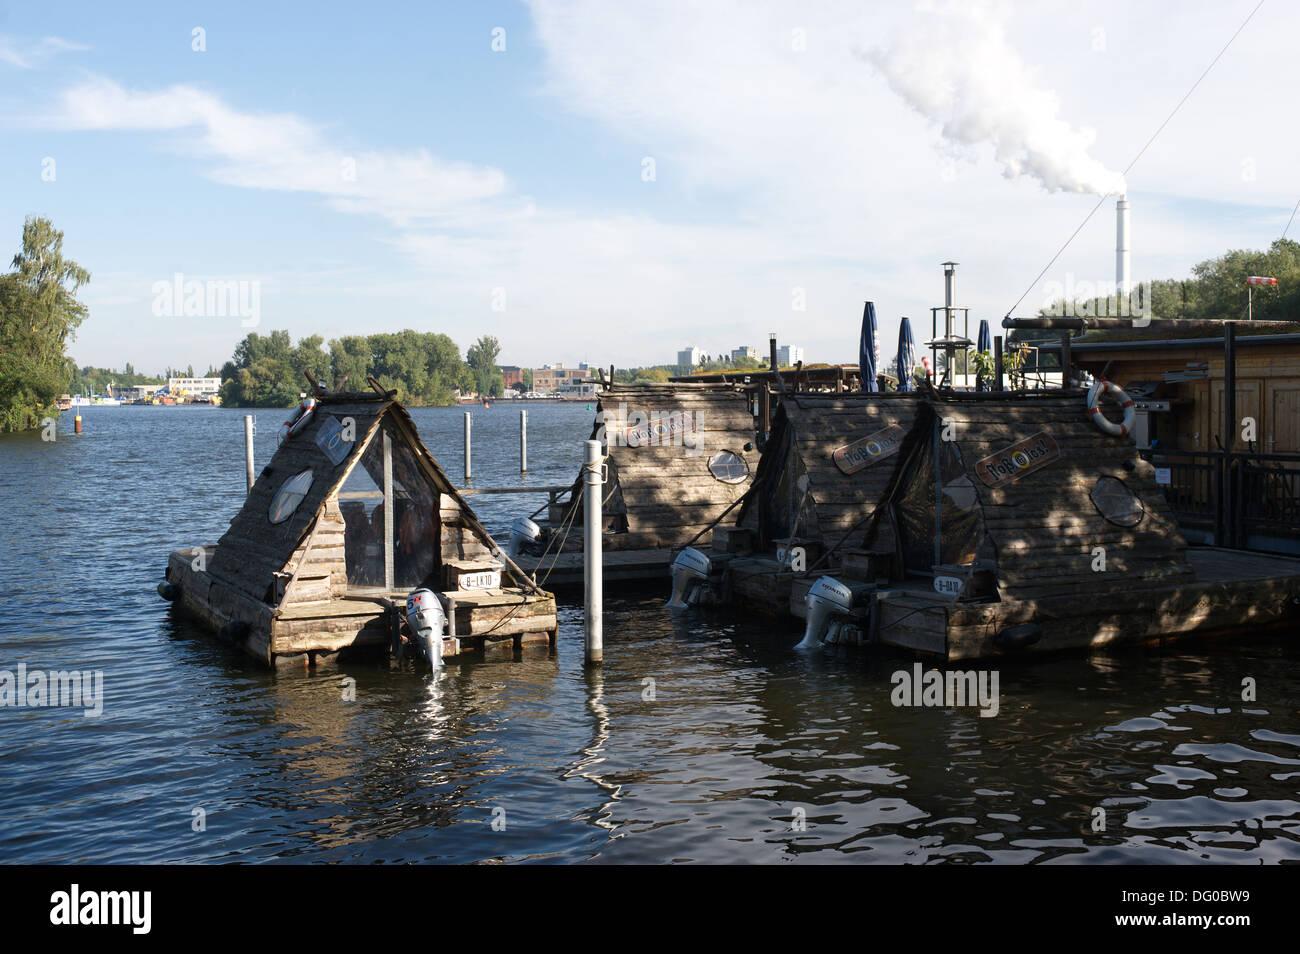 Log cabin boat type touristiques disponibles à la location sur la rivière Spree, Berlin, Allemagne Photo Stock